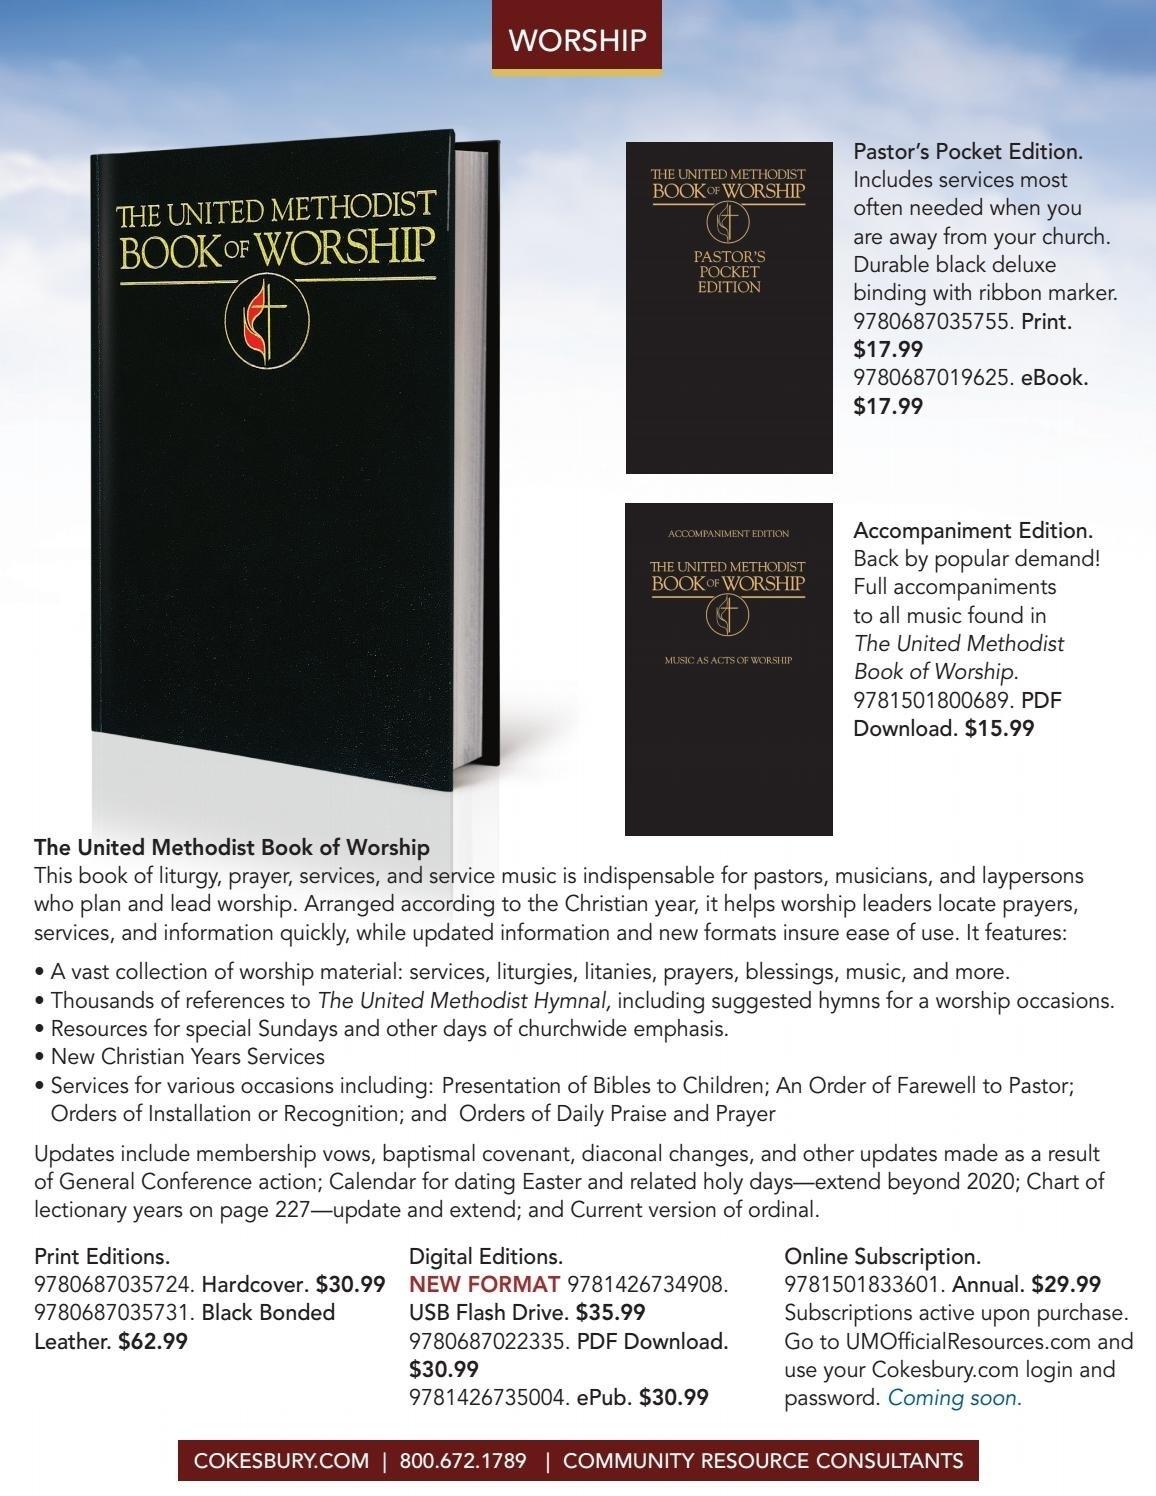 Umc 2021 Liturgical Calendarmonth | Printable Calendar  Ligurthal Calendar 2021 Methodist Episcopal